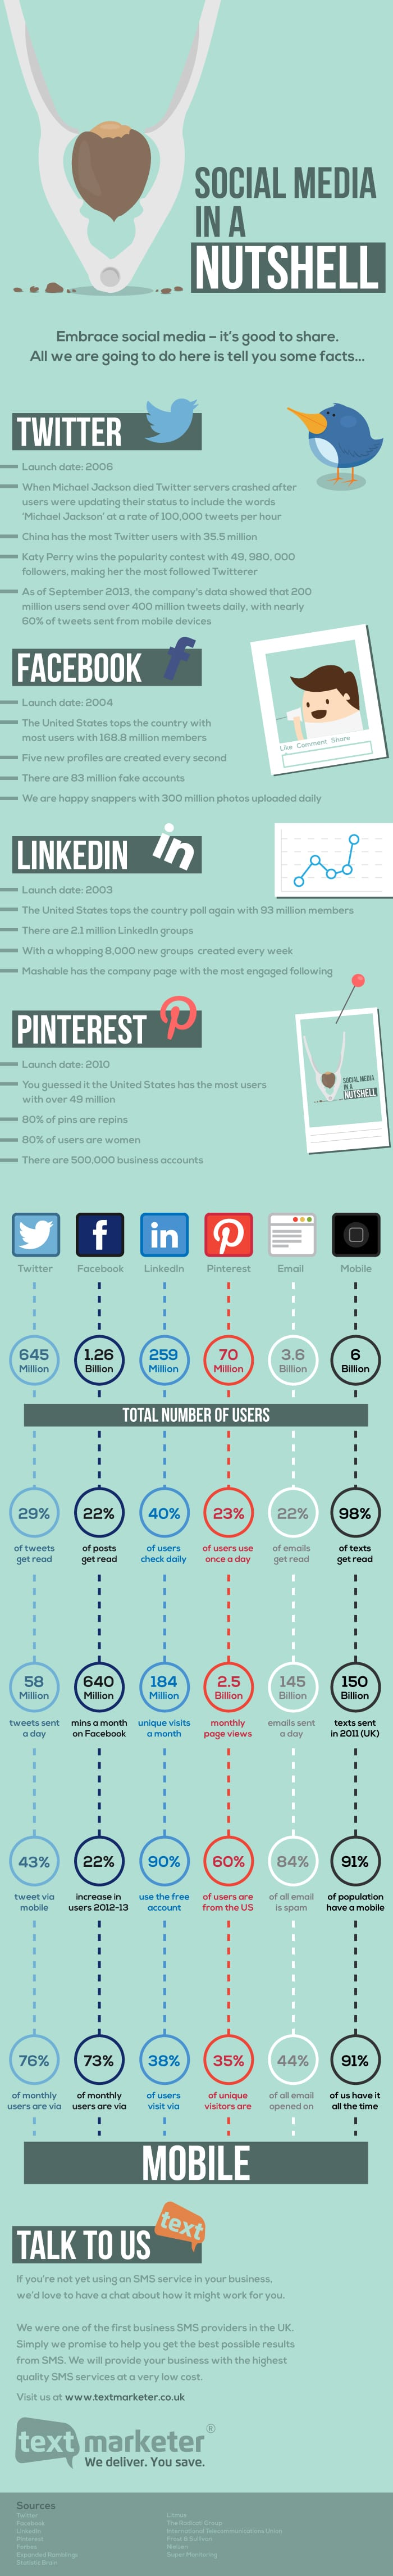 Social media in een notendop- kunnen we niet meer zonder? [infographic]